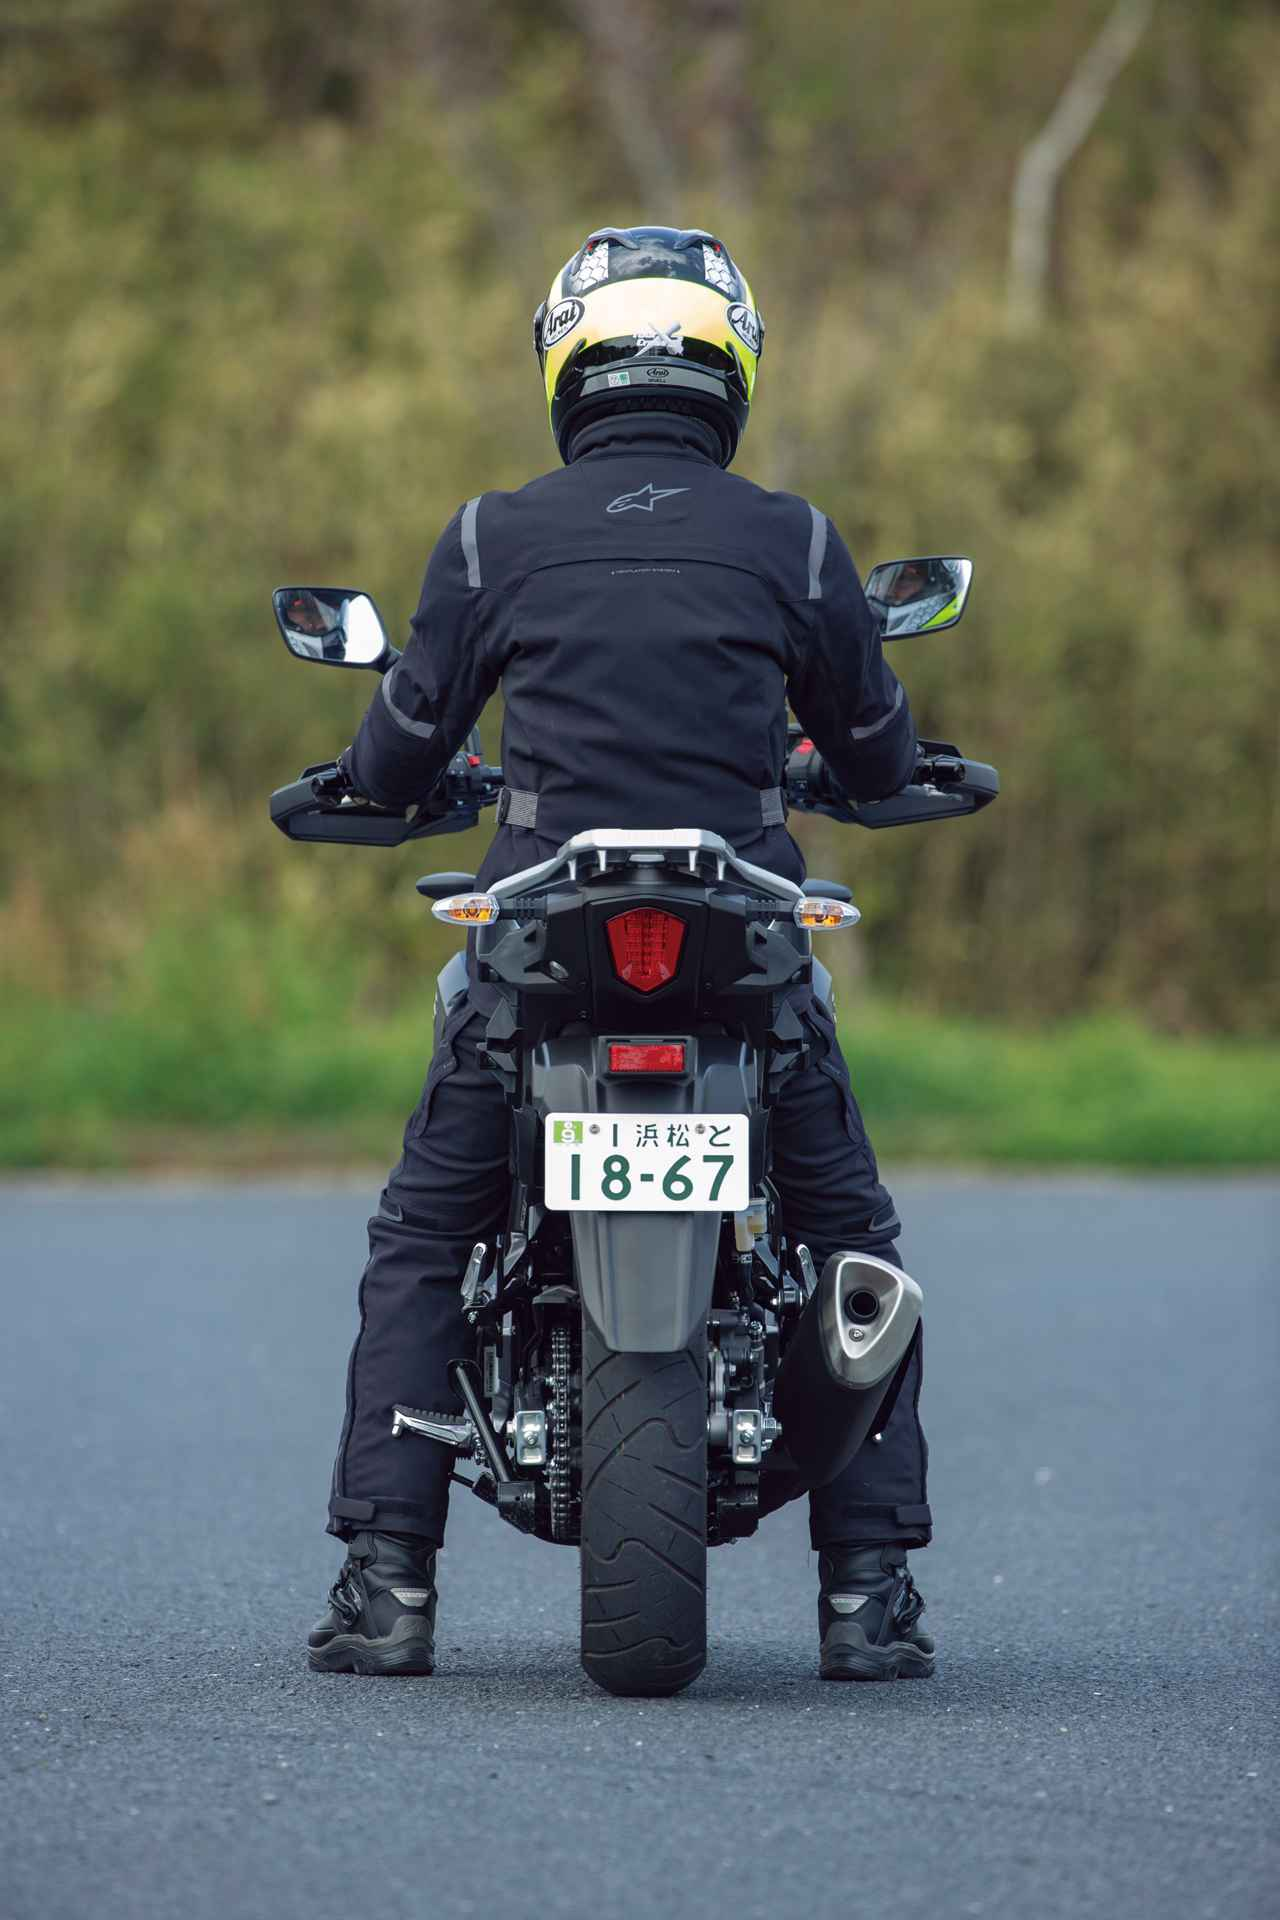 スズキ「Vストローム250 ABS」インプレ(2021年)街乗りもツーリングも快適な250ccアドベンチャー界の人気モデル